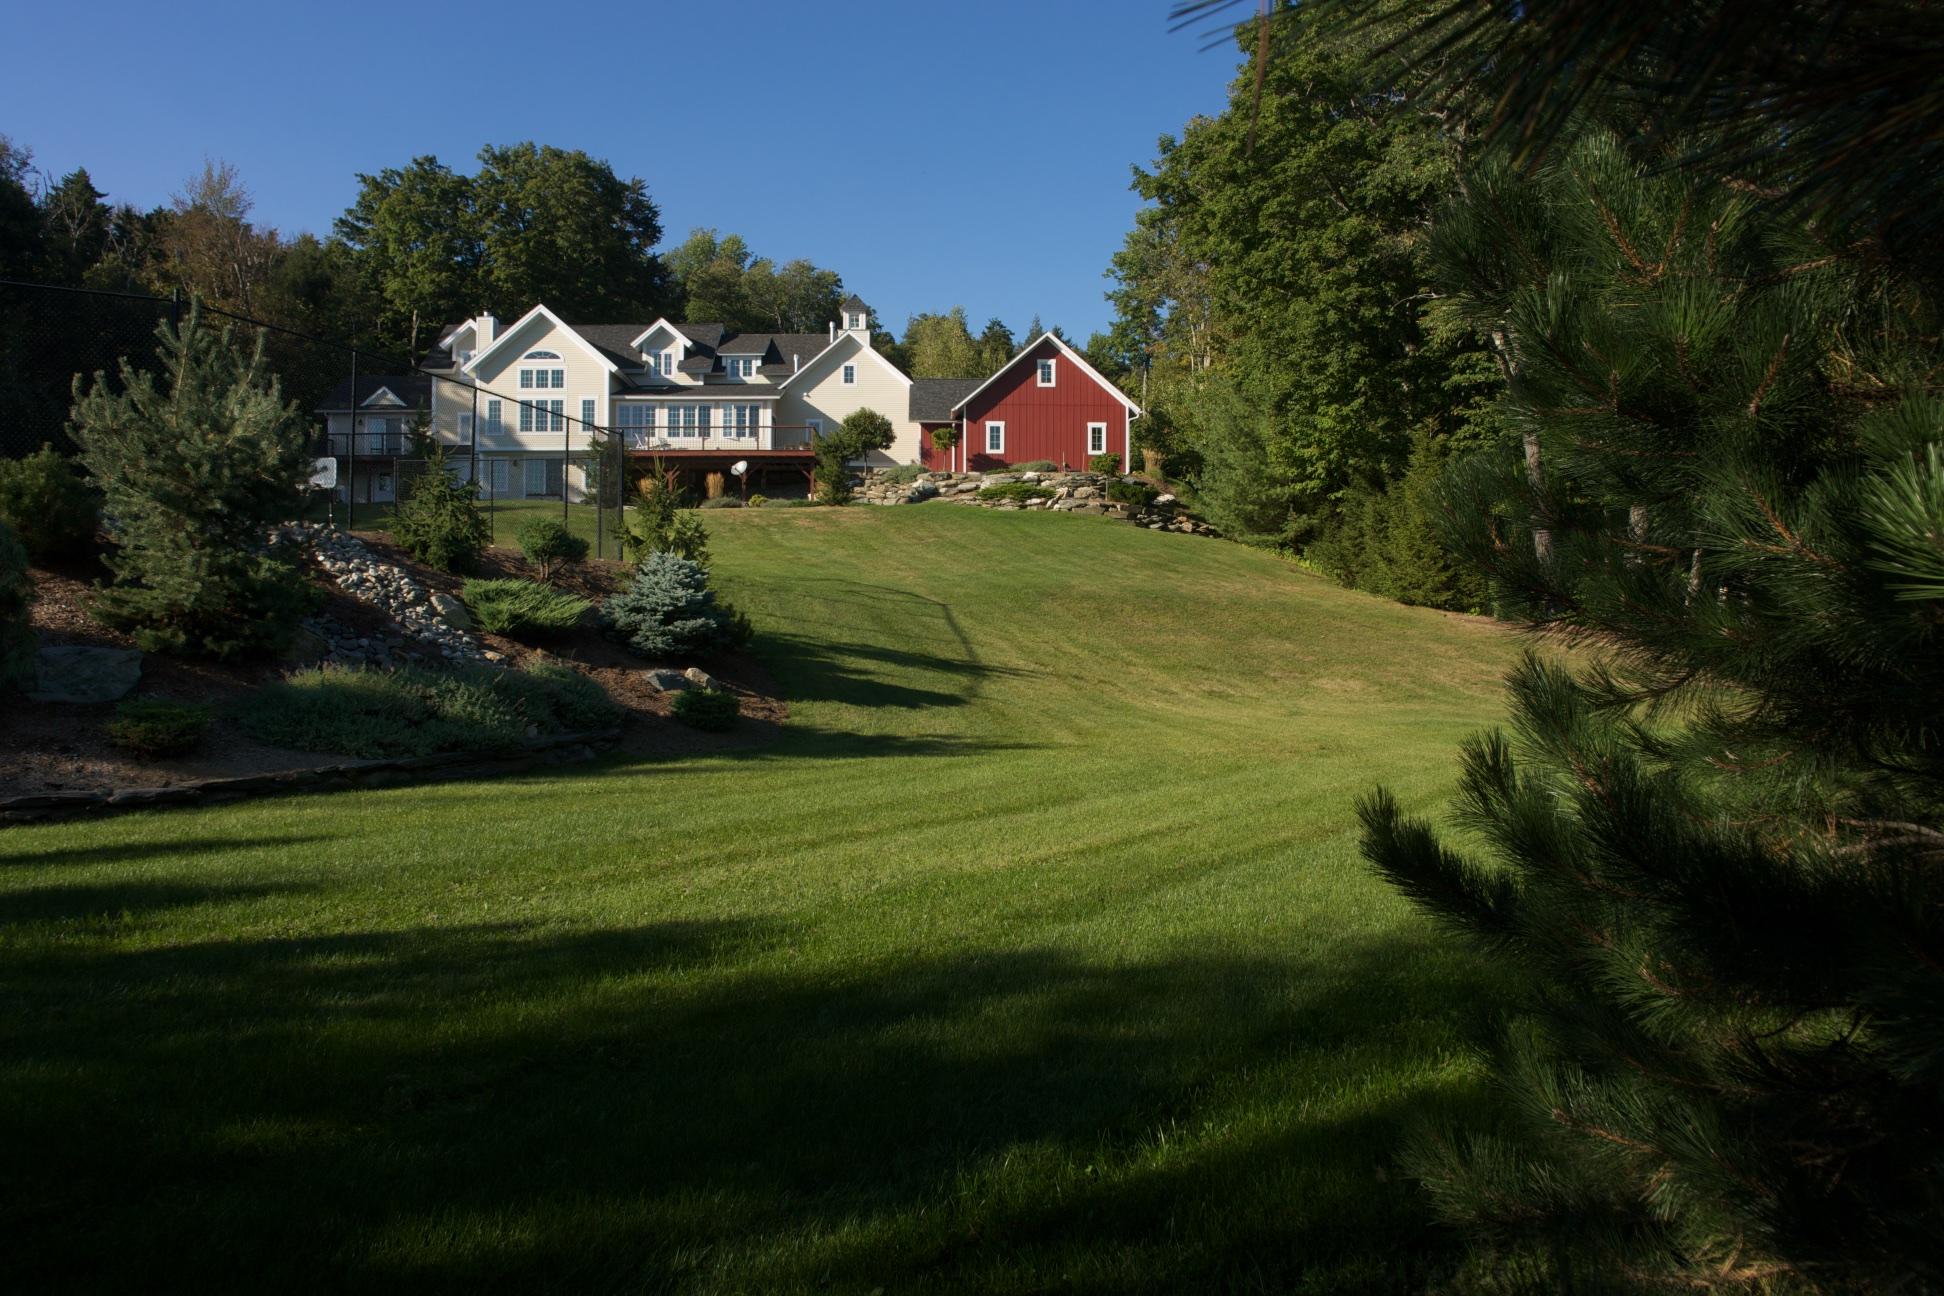 Maison unifamiliale pour l Vente à 534 Fayston Farm Rd, Fayston Fayston, Vermont 05673 États-Unis